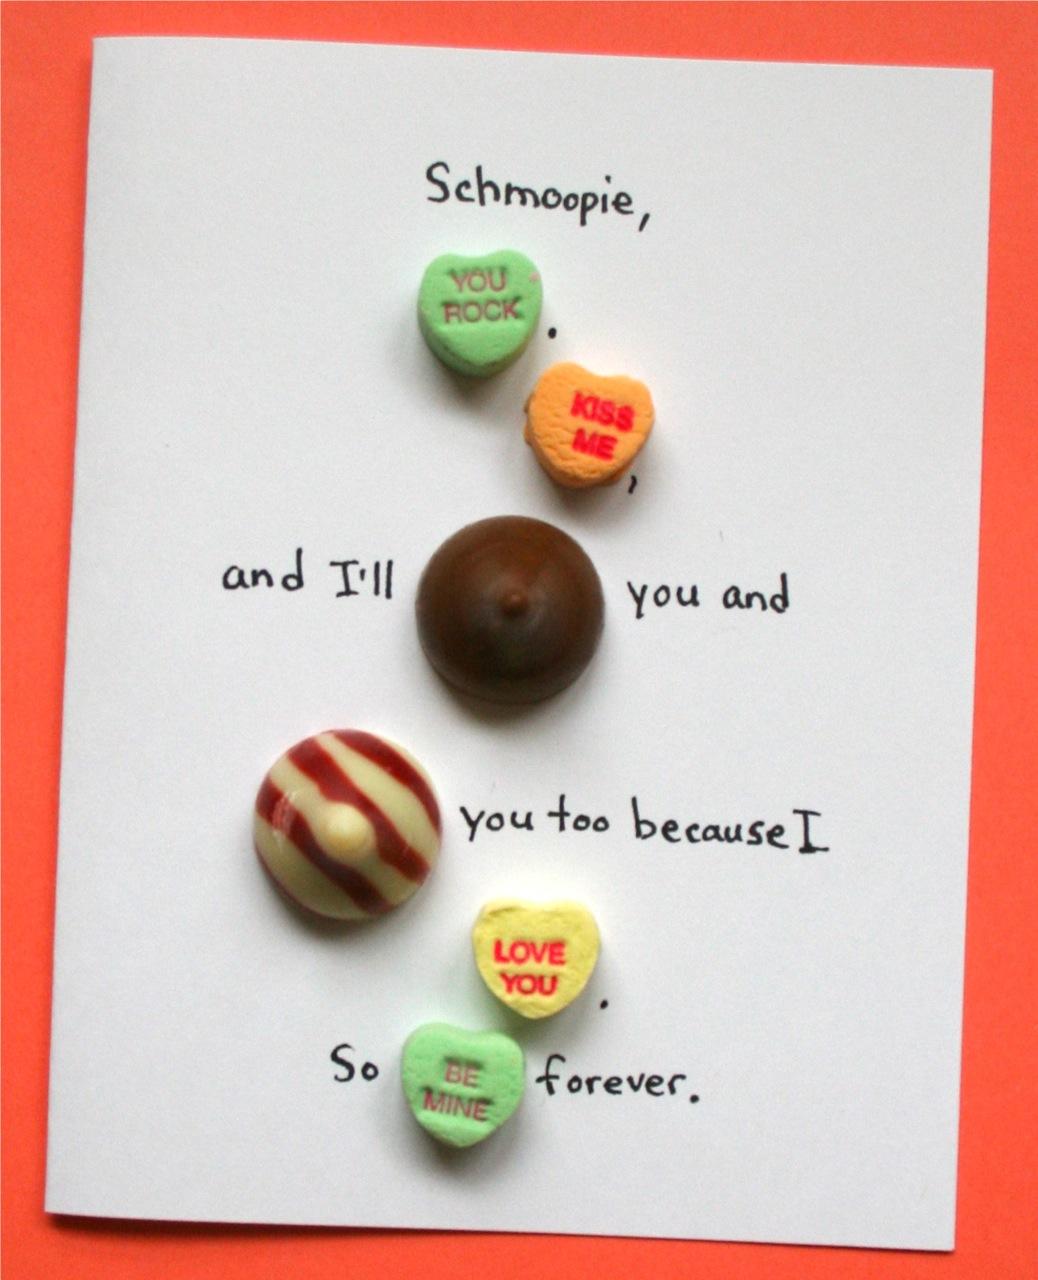 valentineschmoopie.jpg